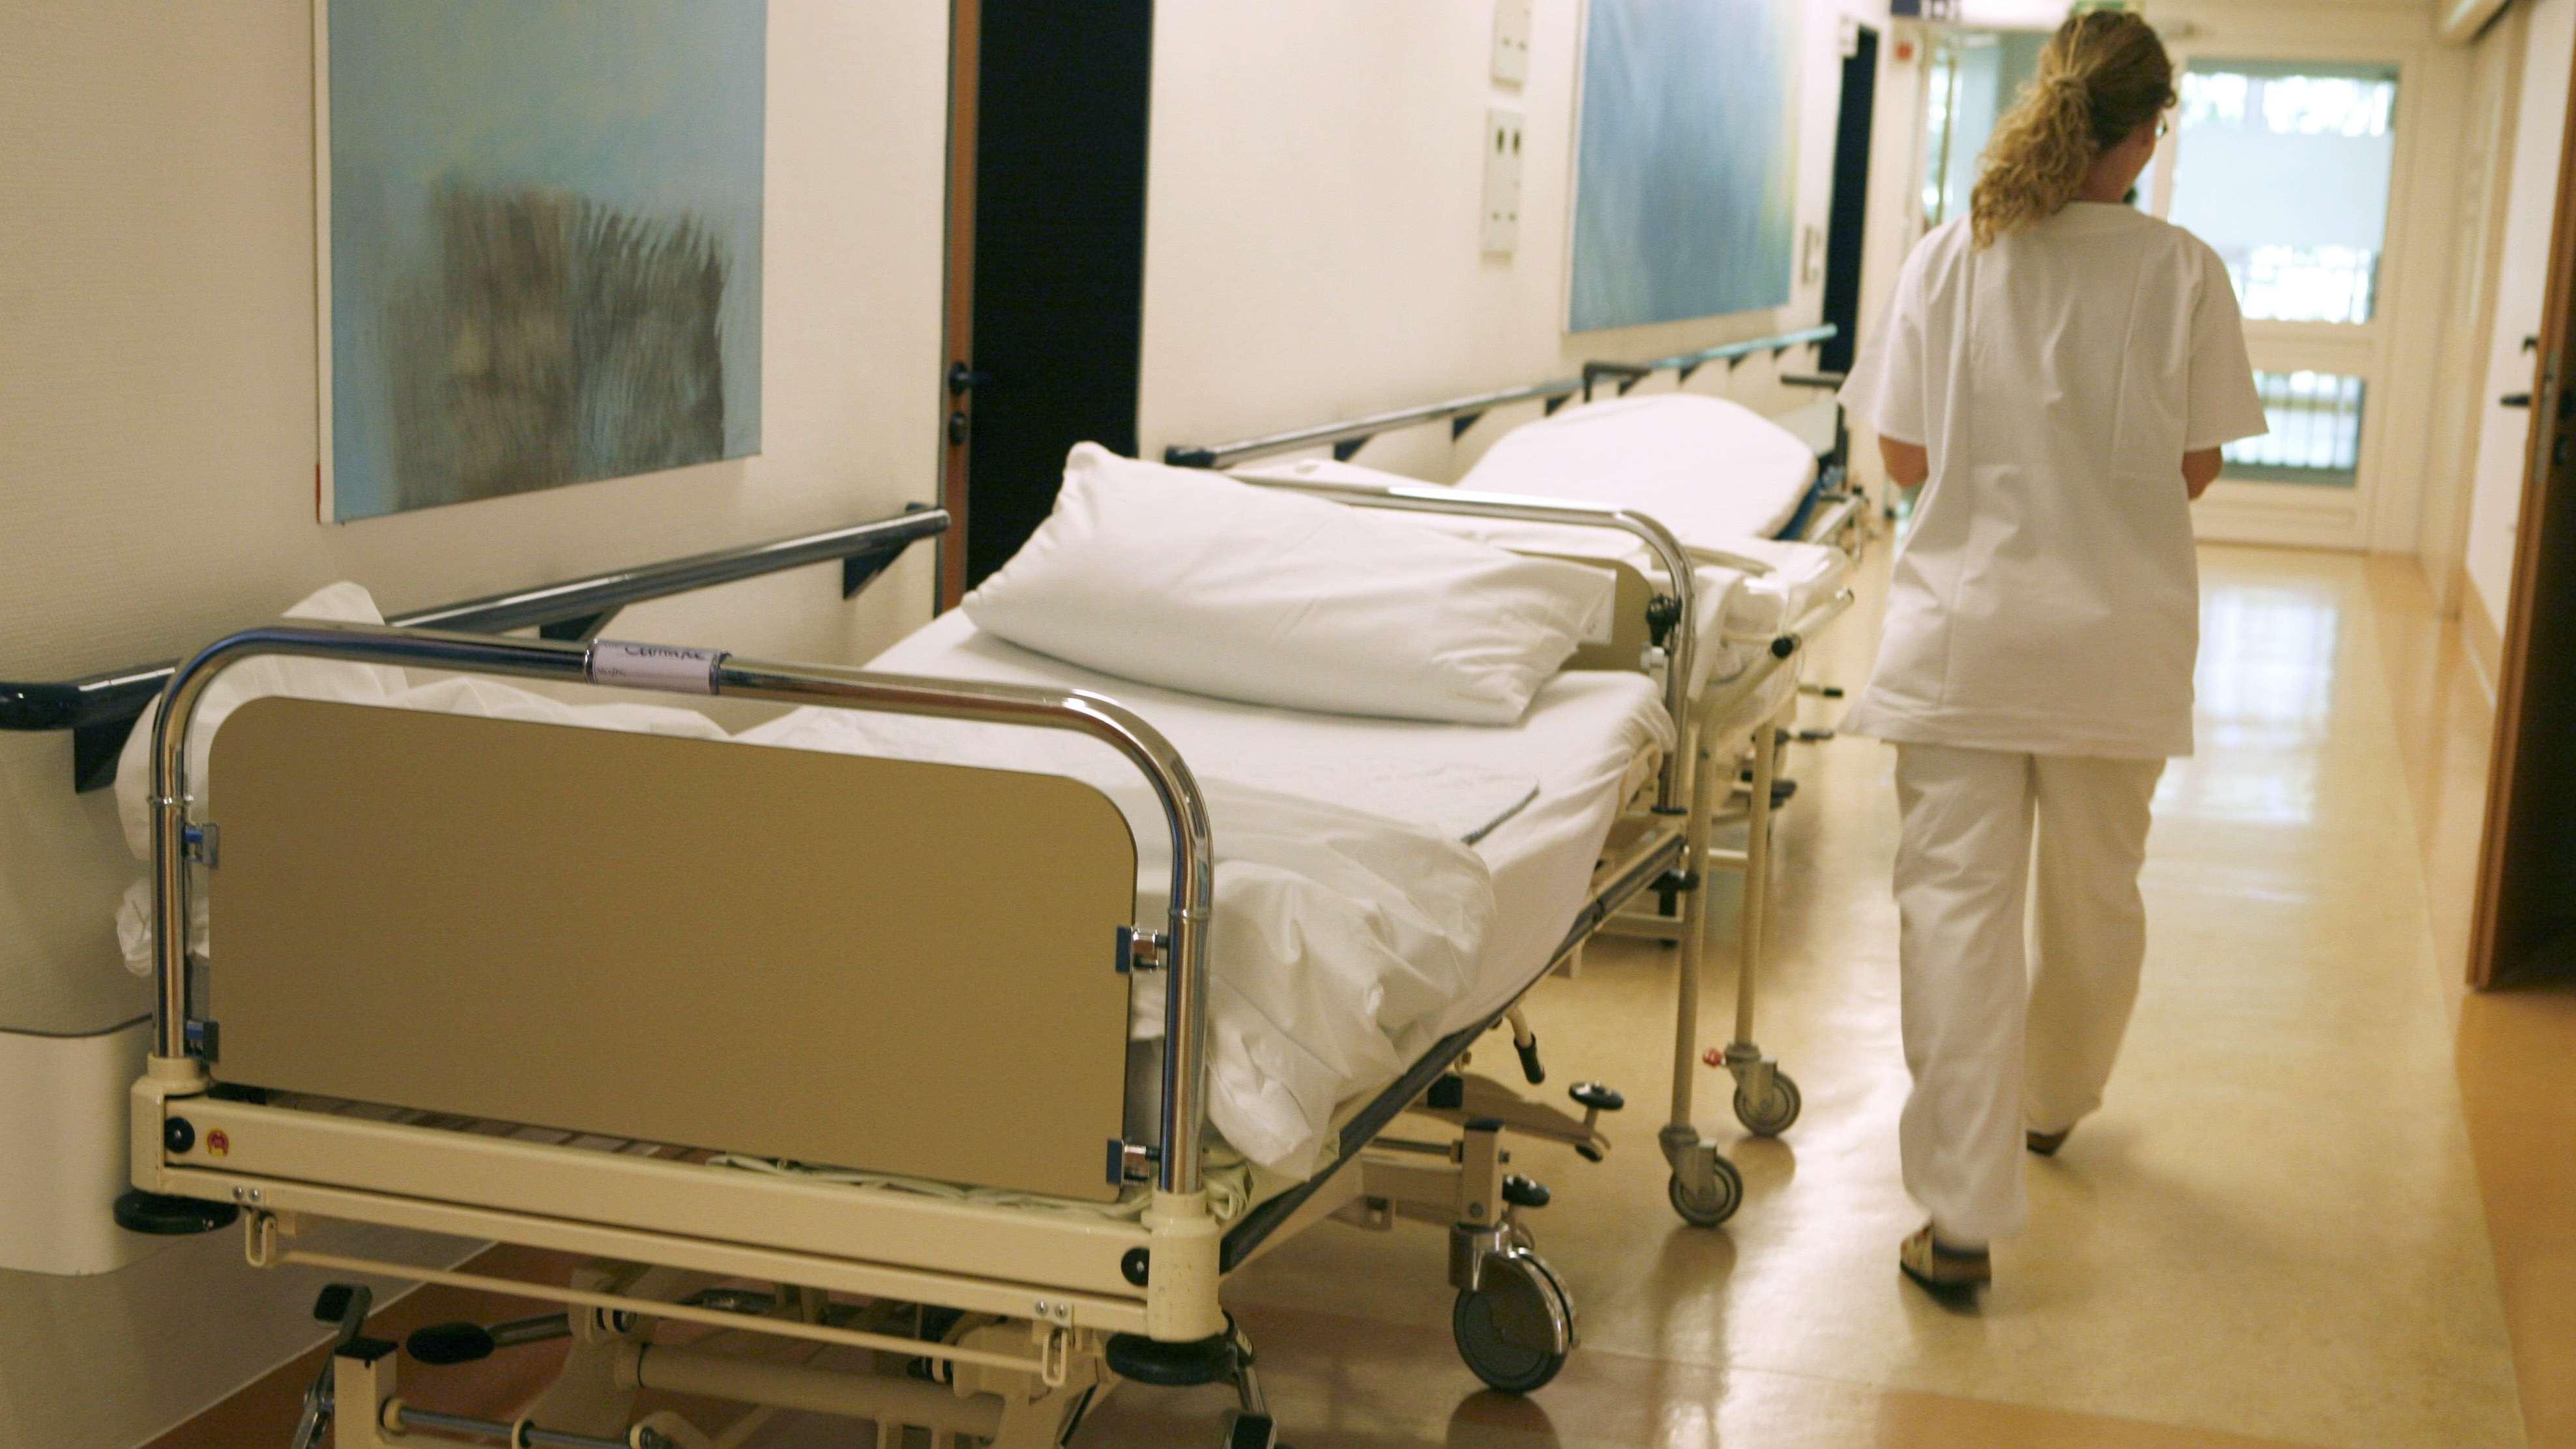 Ein leeres Bett steht in einem Flur in einem Krankenhaus (Symbolbild=